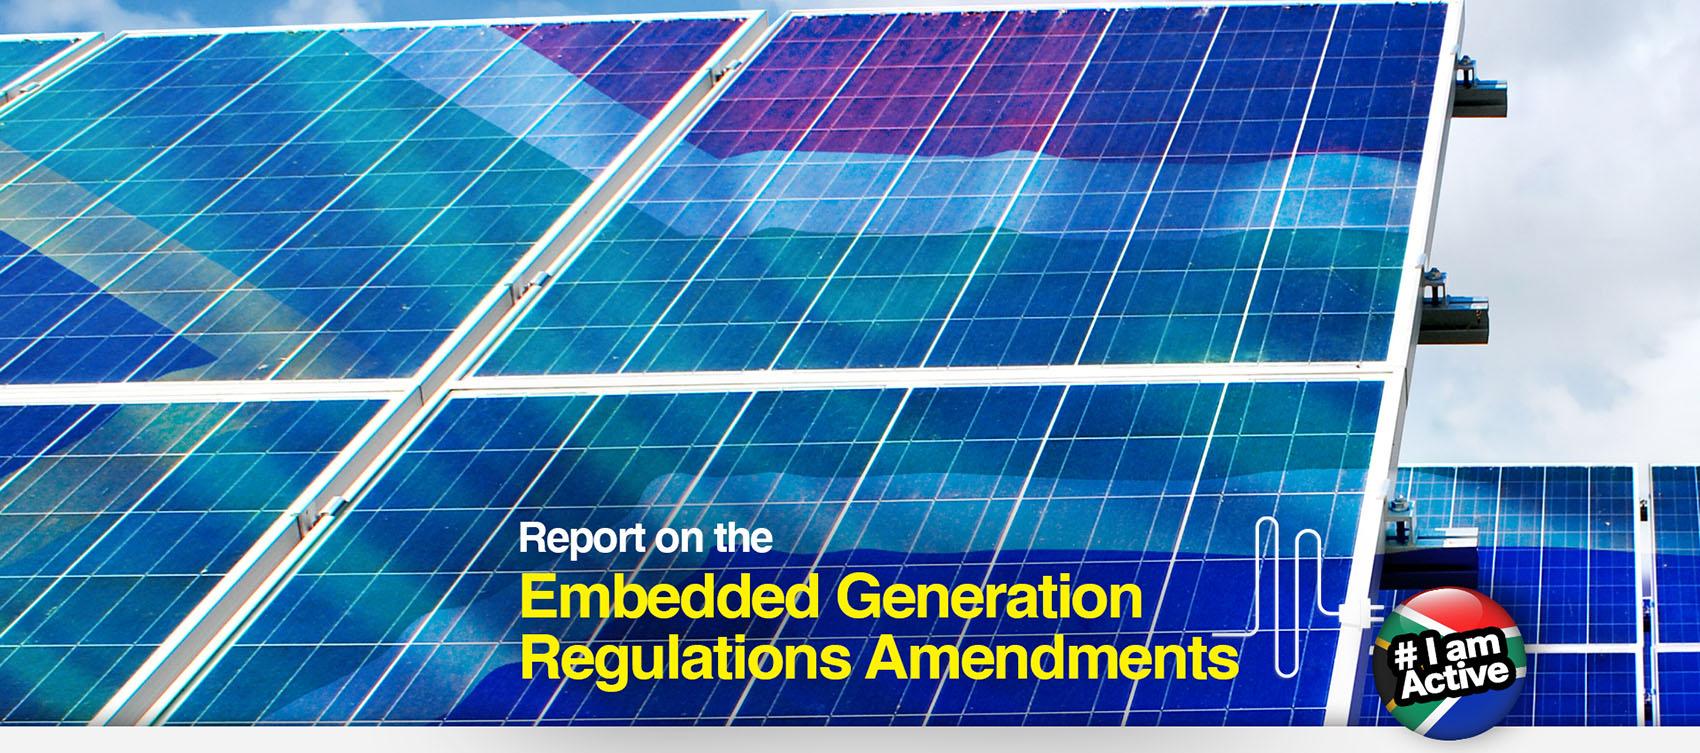 DearSA-embedded-gen-report